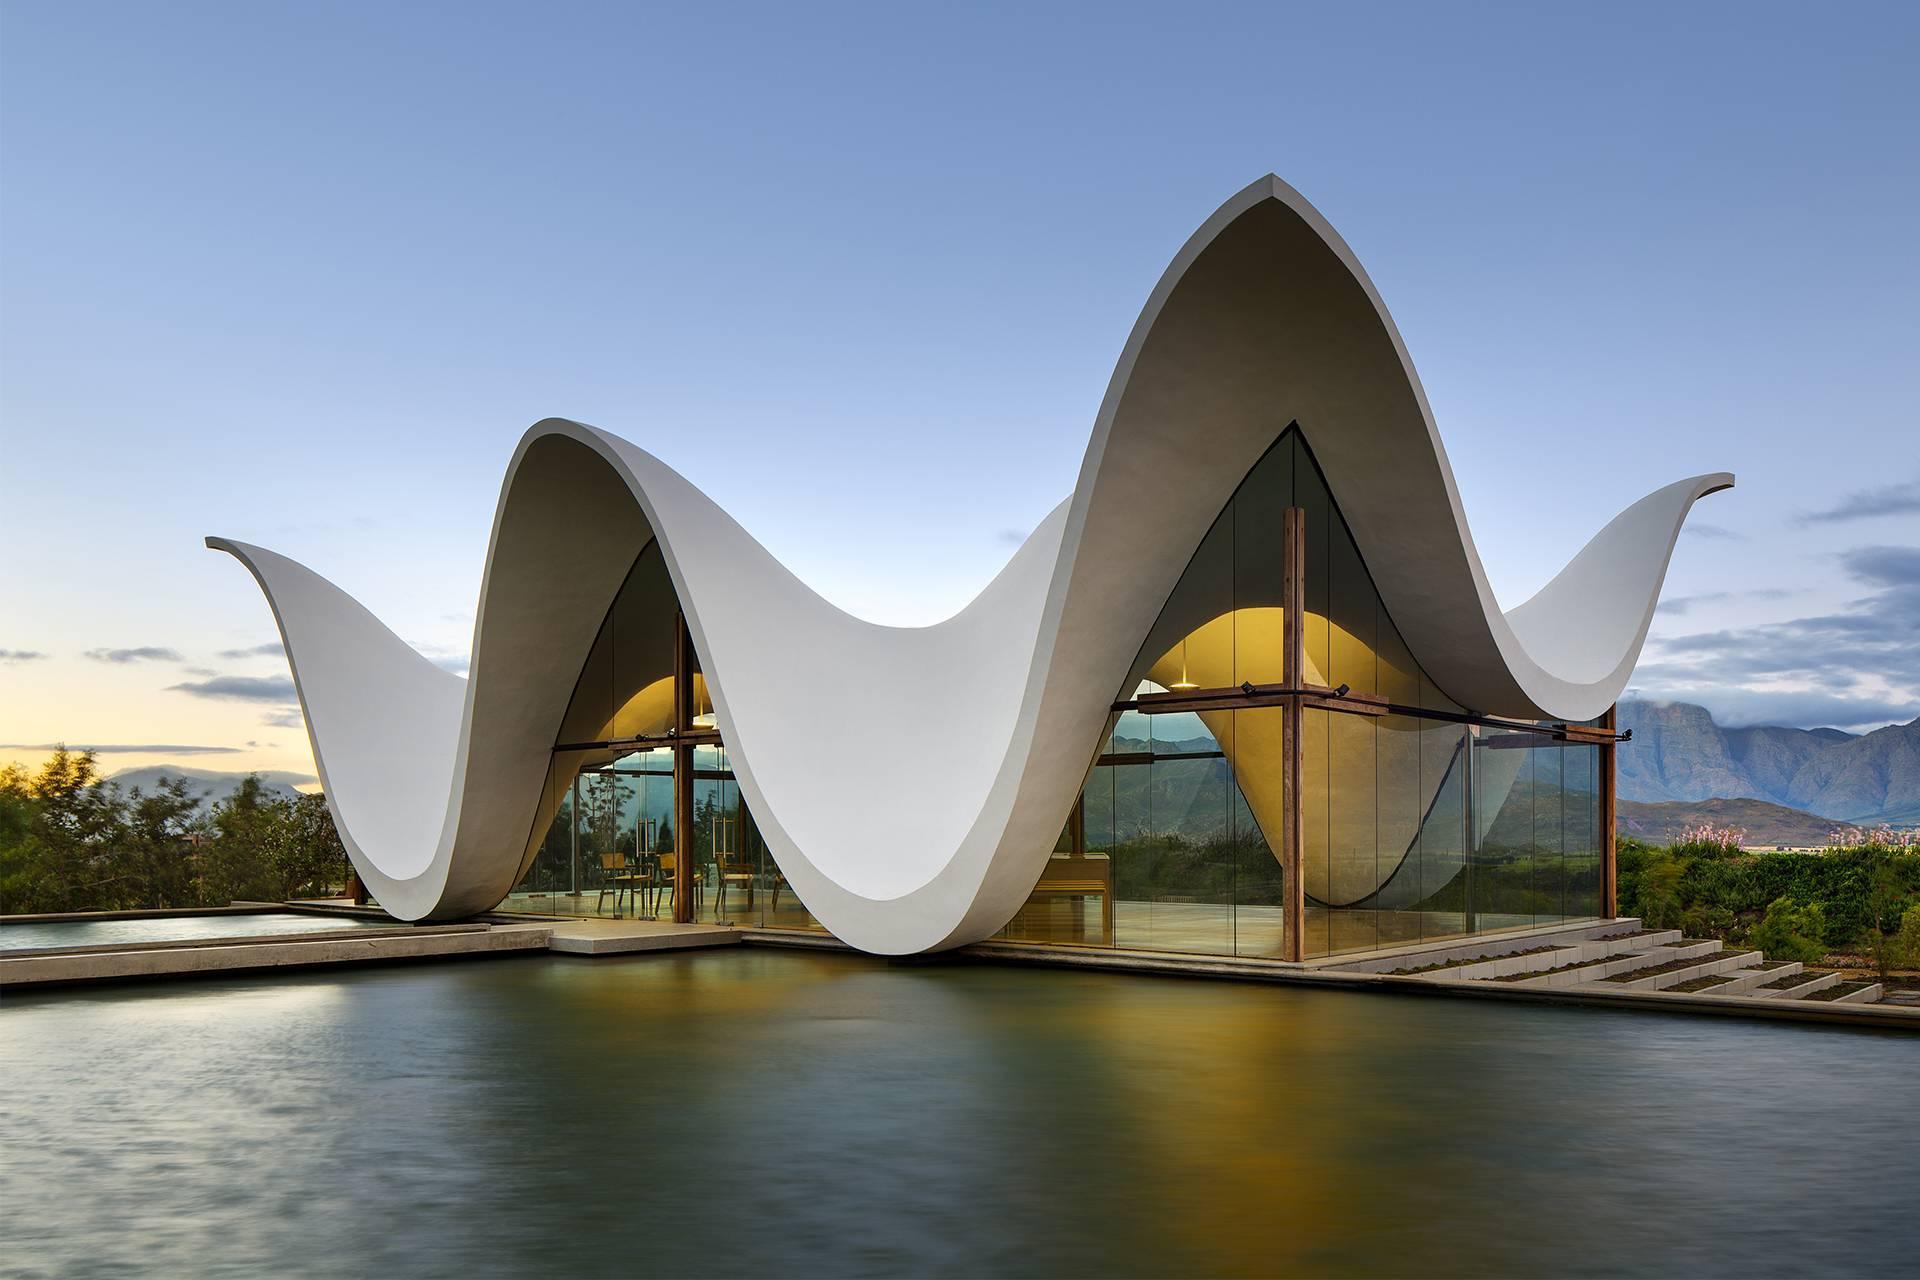 Gemütlich Wired Houses Bilder - Der Schaltplan - triangre.info